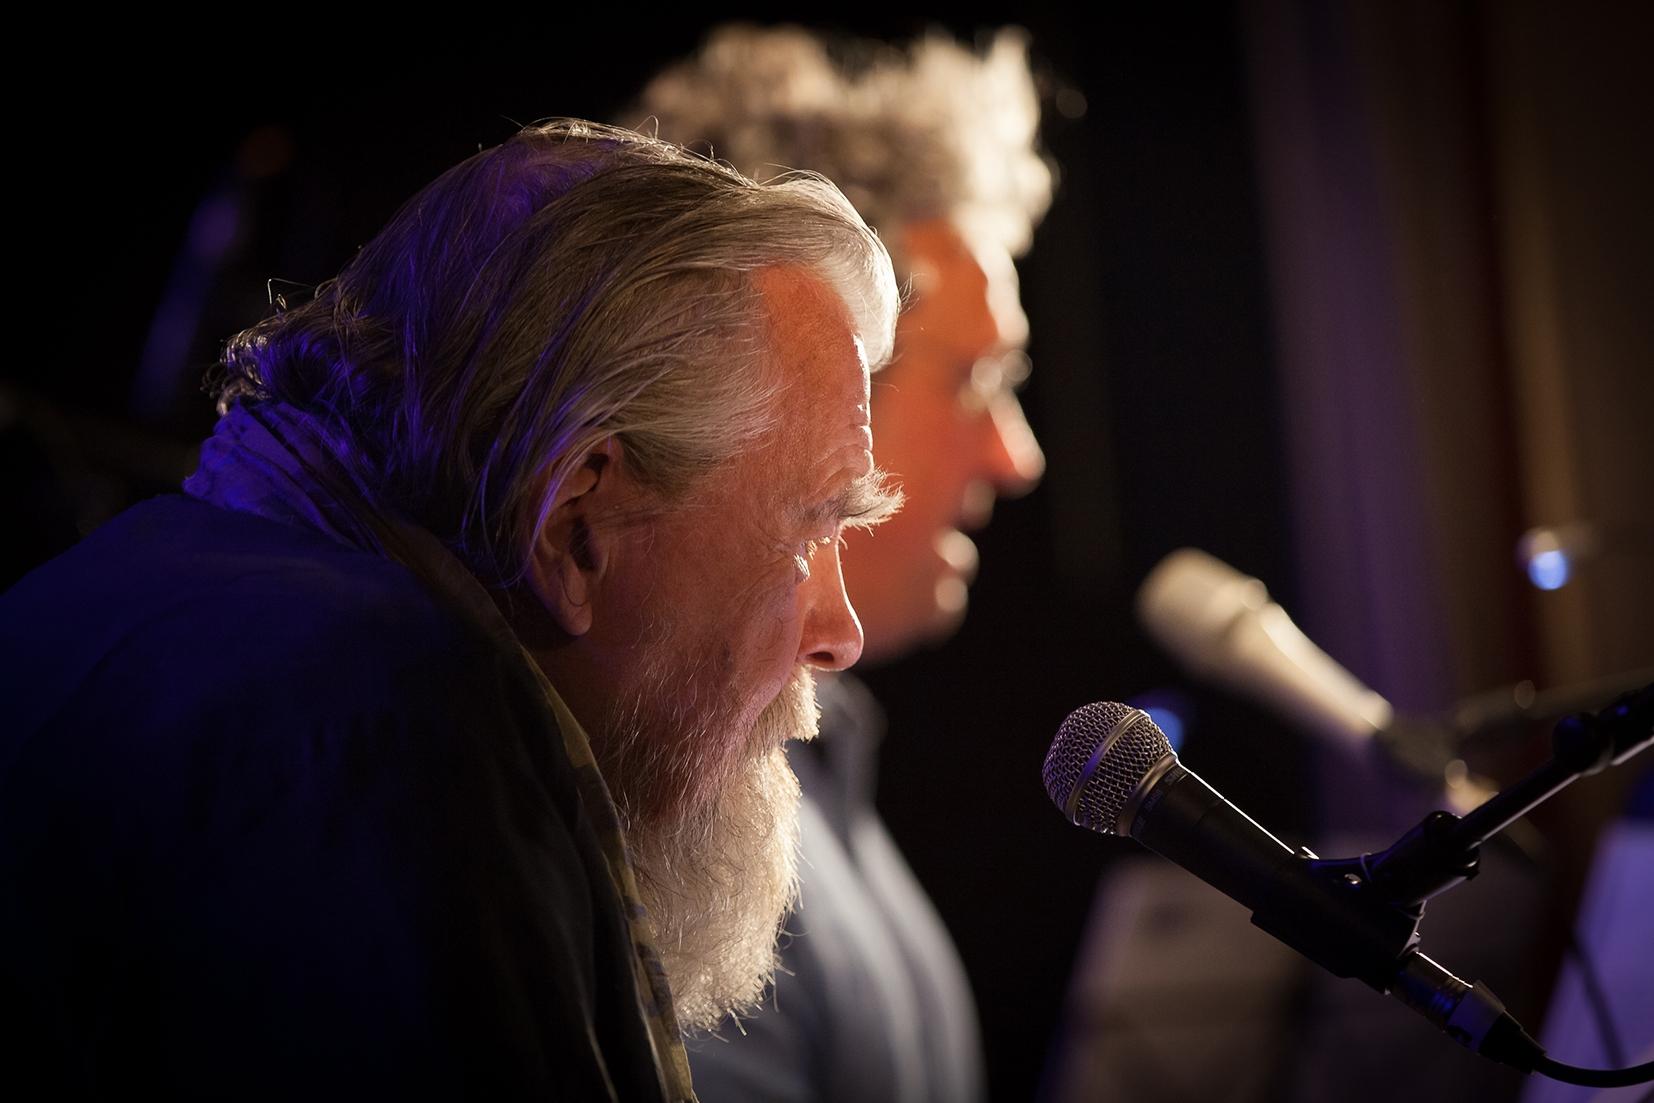 Michael Lonsadle, Pierre Fesquet